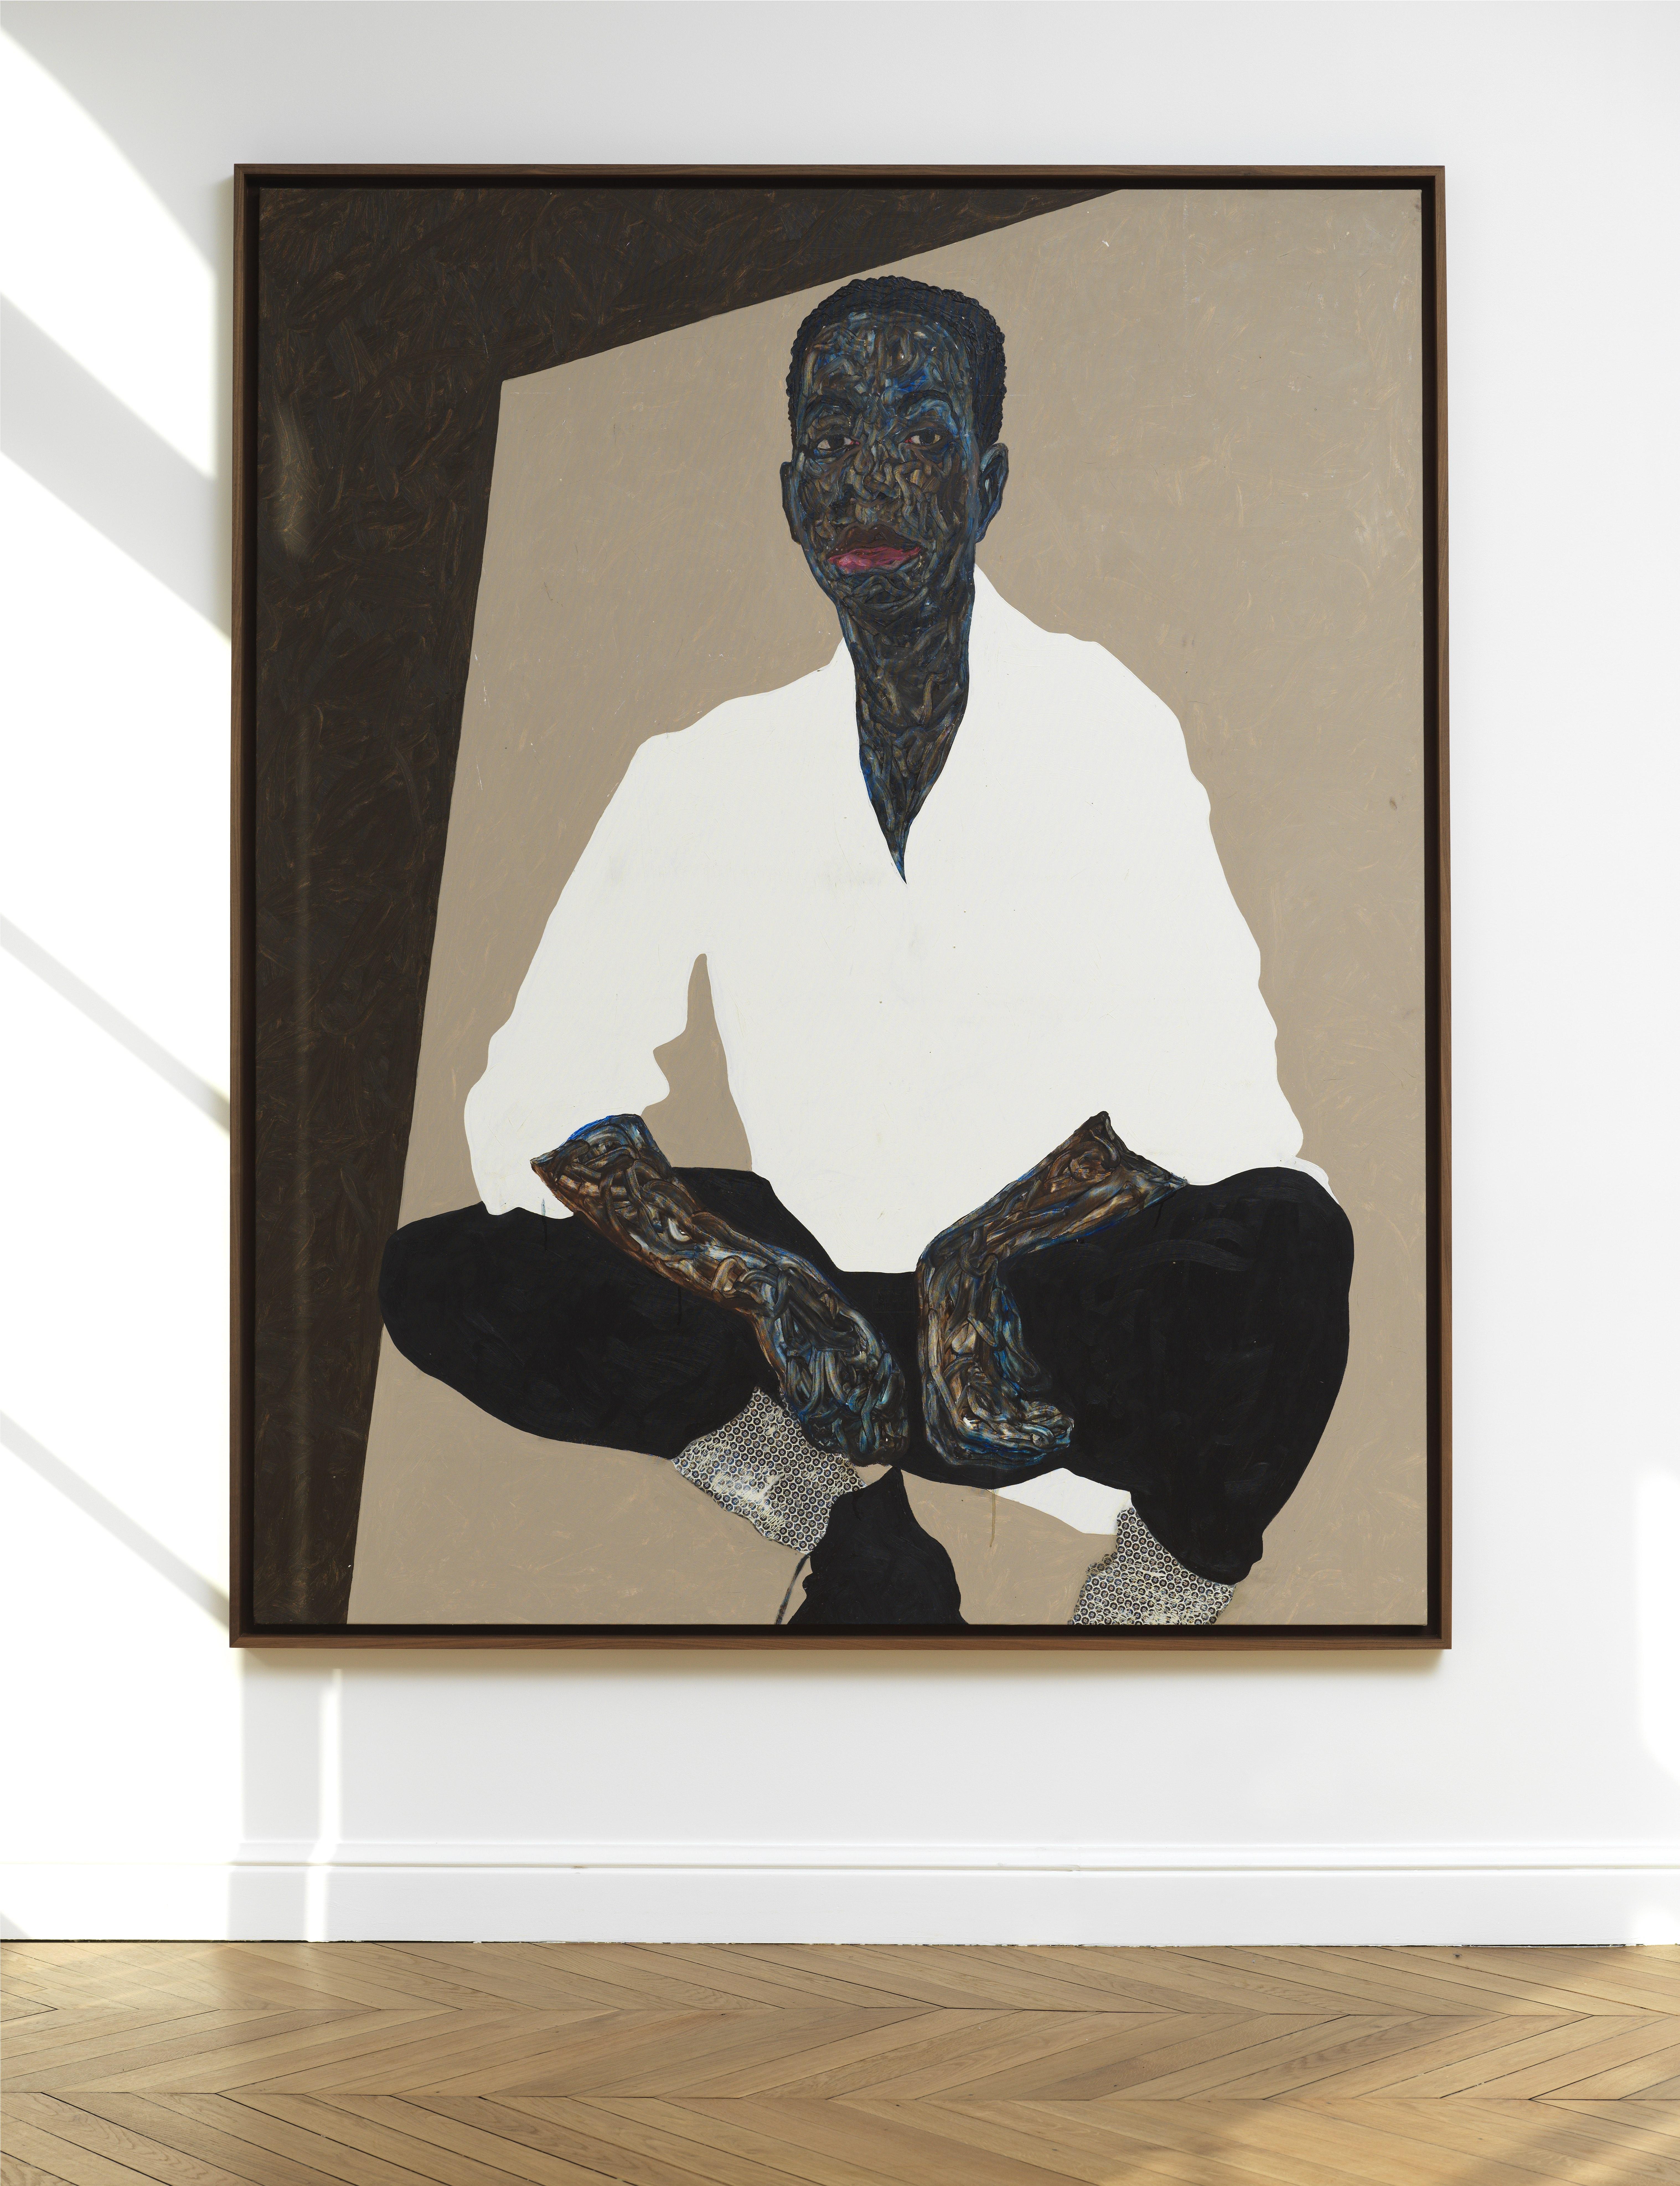 Amoako Boafo, _Black Pants_, 2020. Photo by Fabrice Gousset. Courtesy of Mariane Ibrahim.